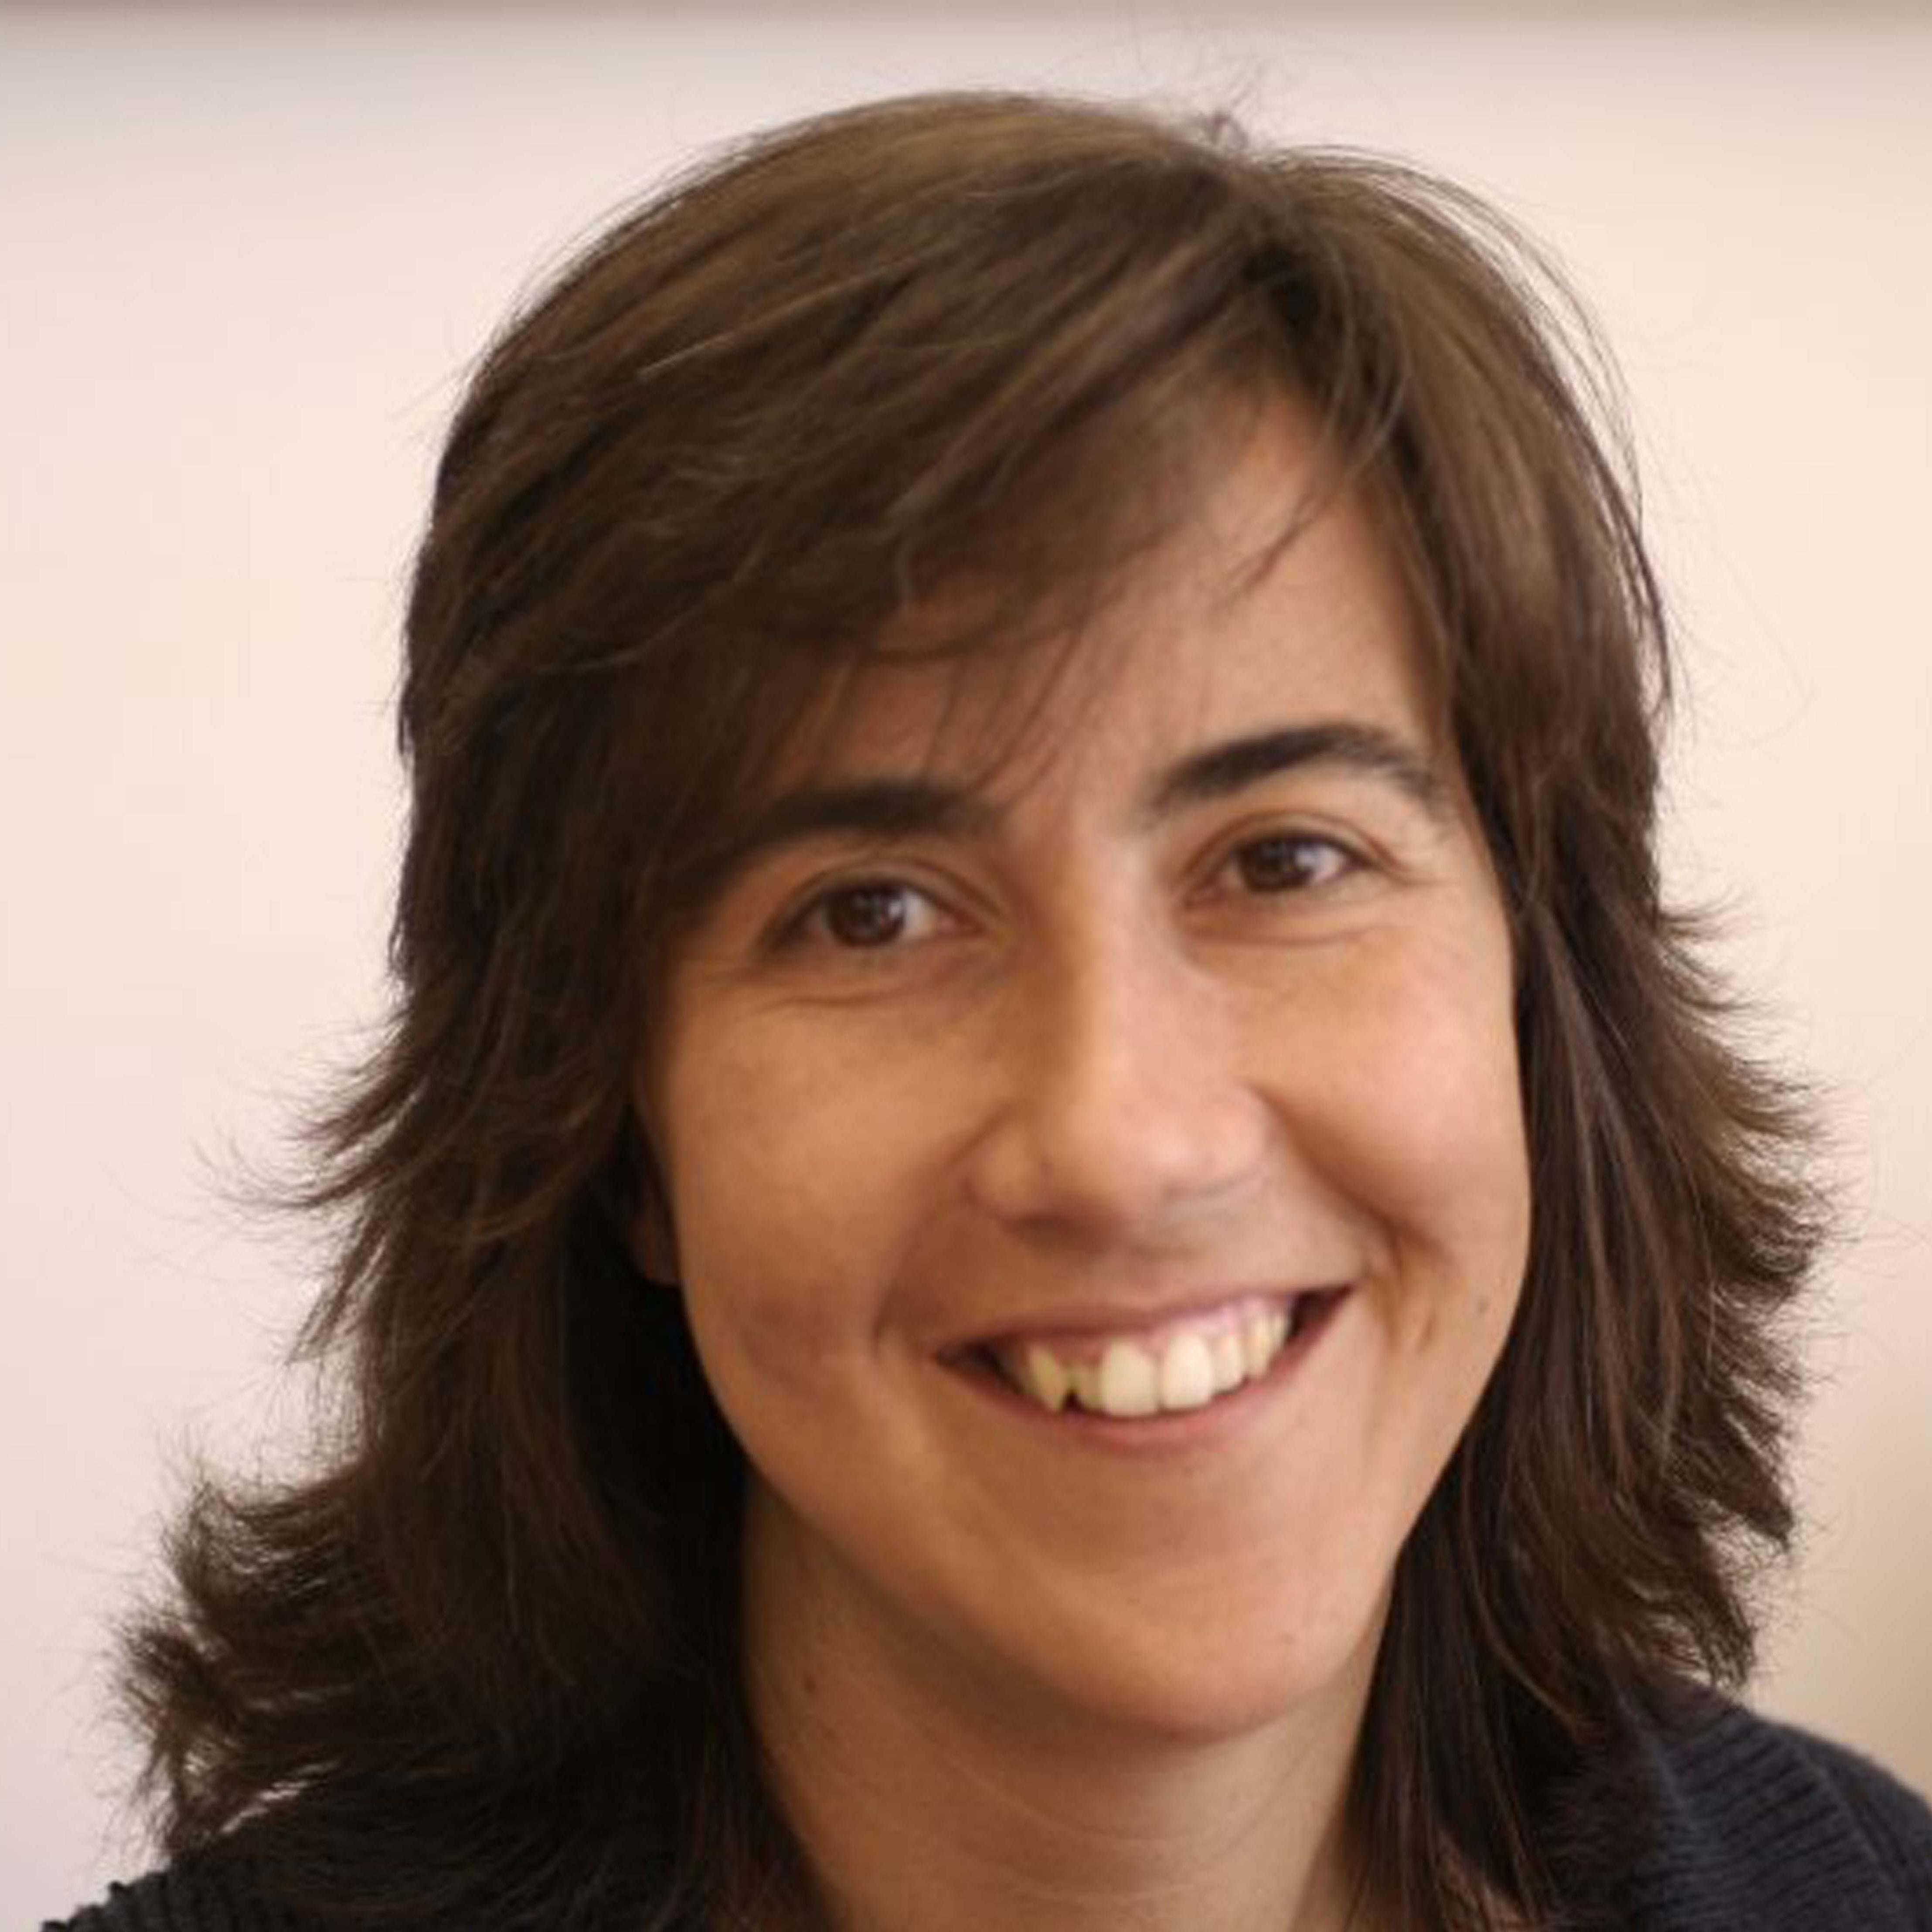 Constantino, Susana, PhD